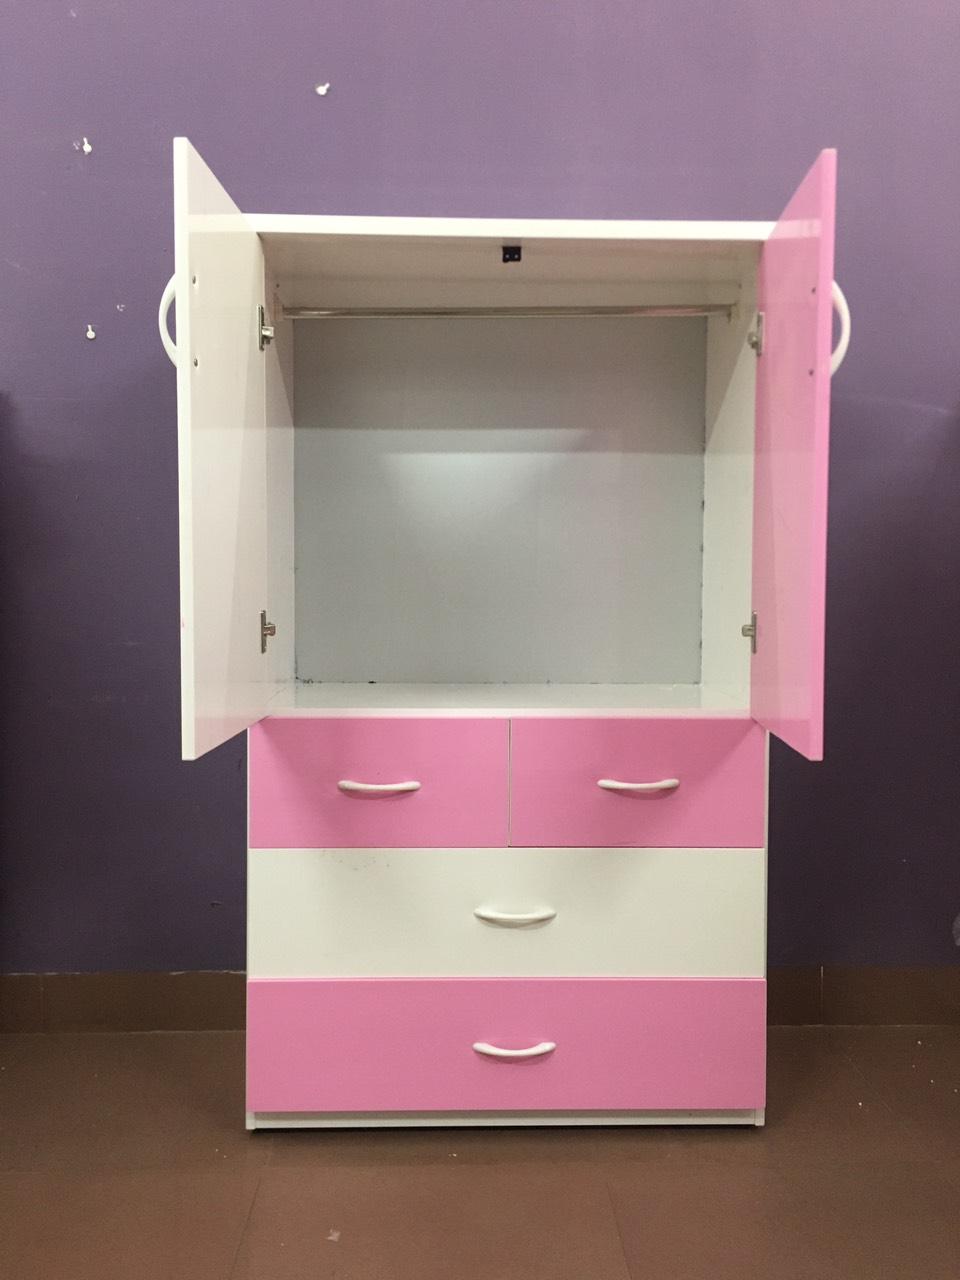 Tủ nhựa đài loan 2 cánh 4 ngăn kéo hồng (cao 1m35 x rộng 85cm x sâu 45cm)